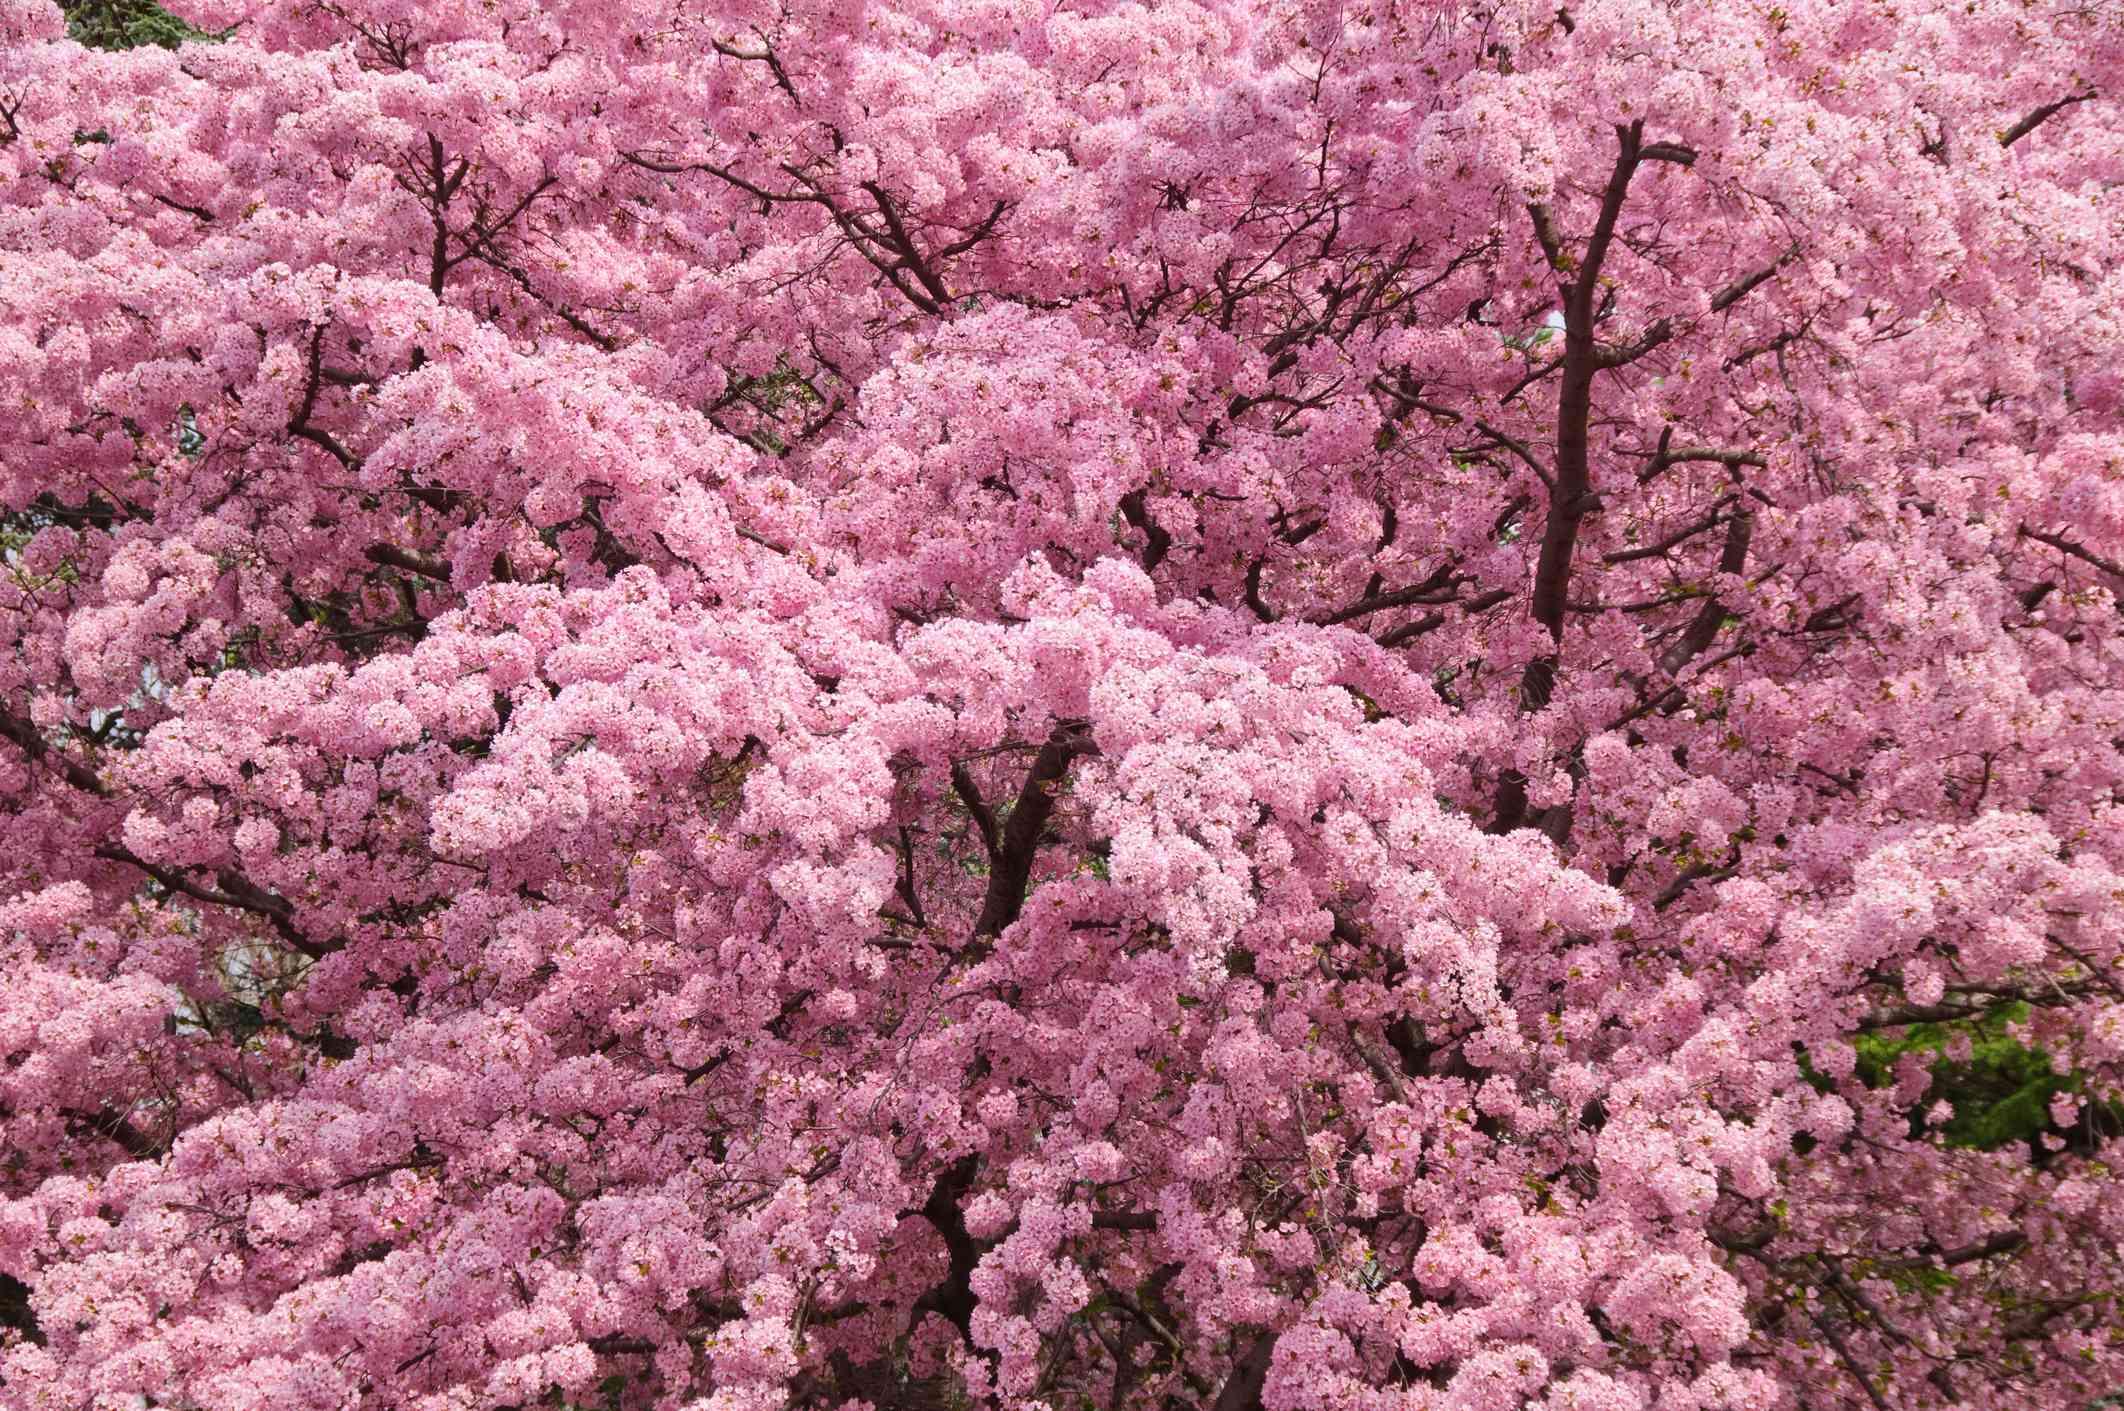 Japanese Cherry tree in full bloom